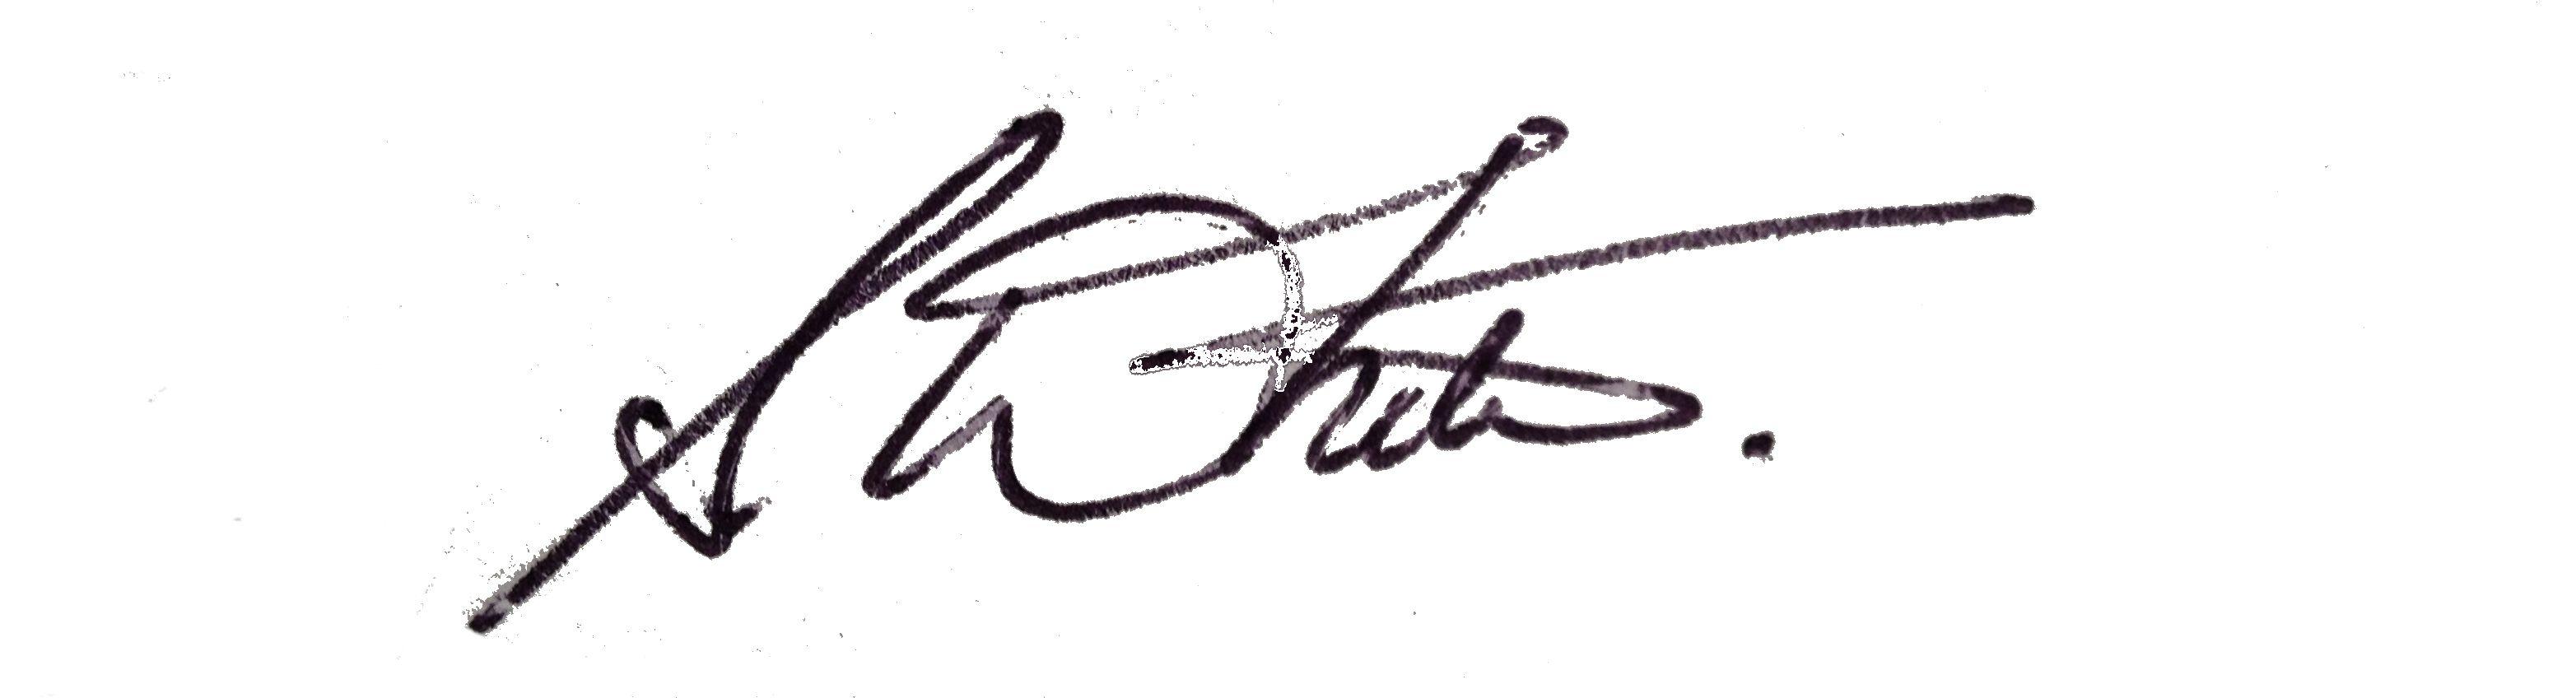 Sarah White Signature